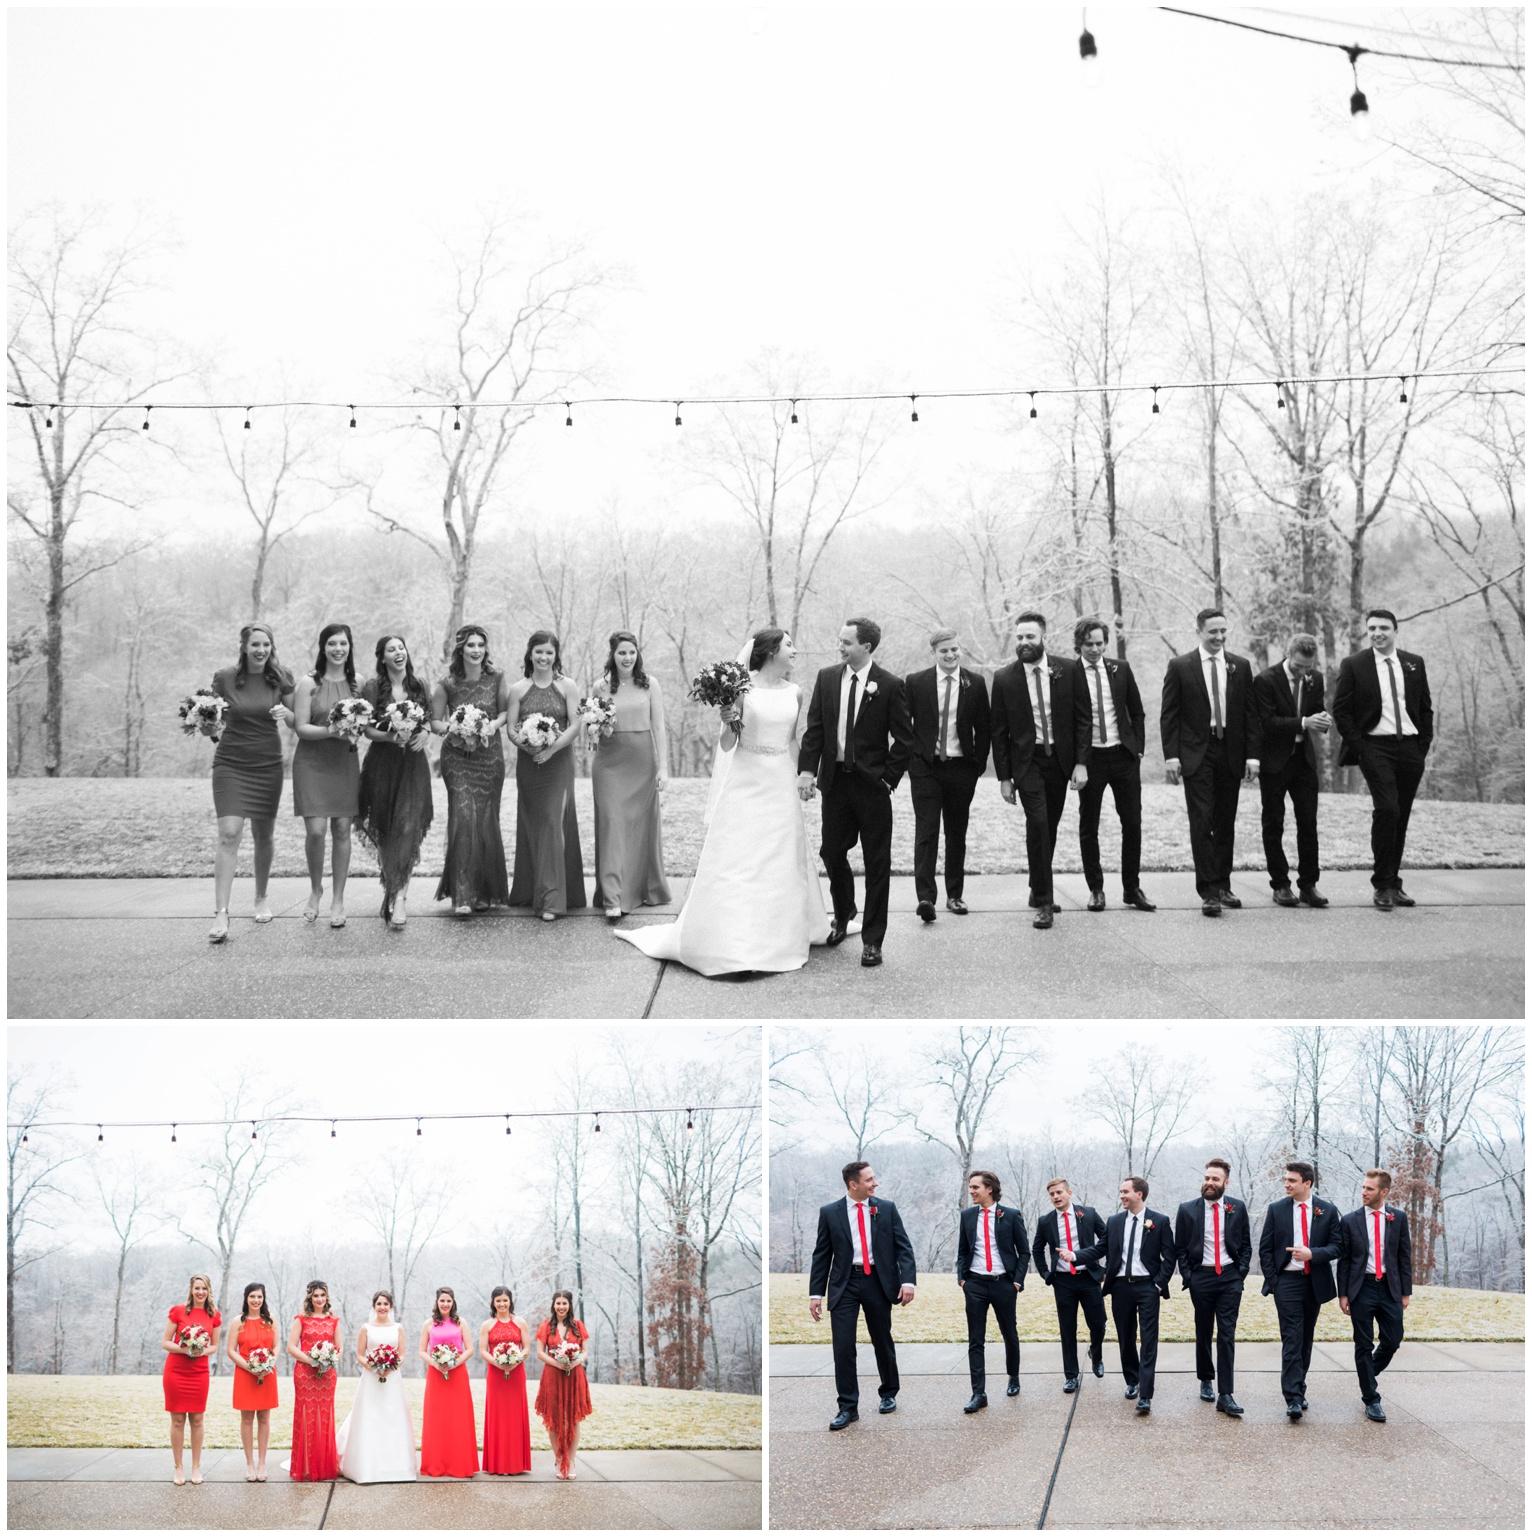 wedding photography st louis_lauren muckler photography_film photographer_film wedding_0019.jpg